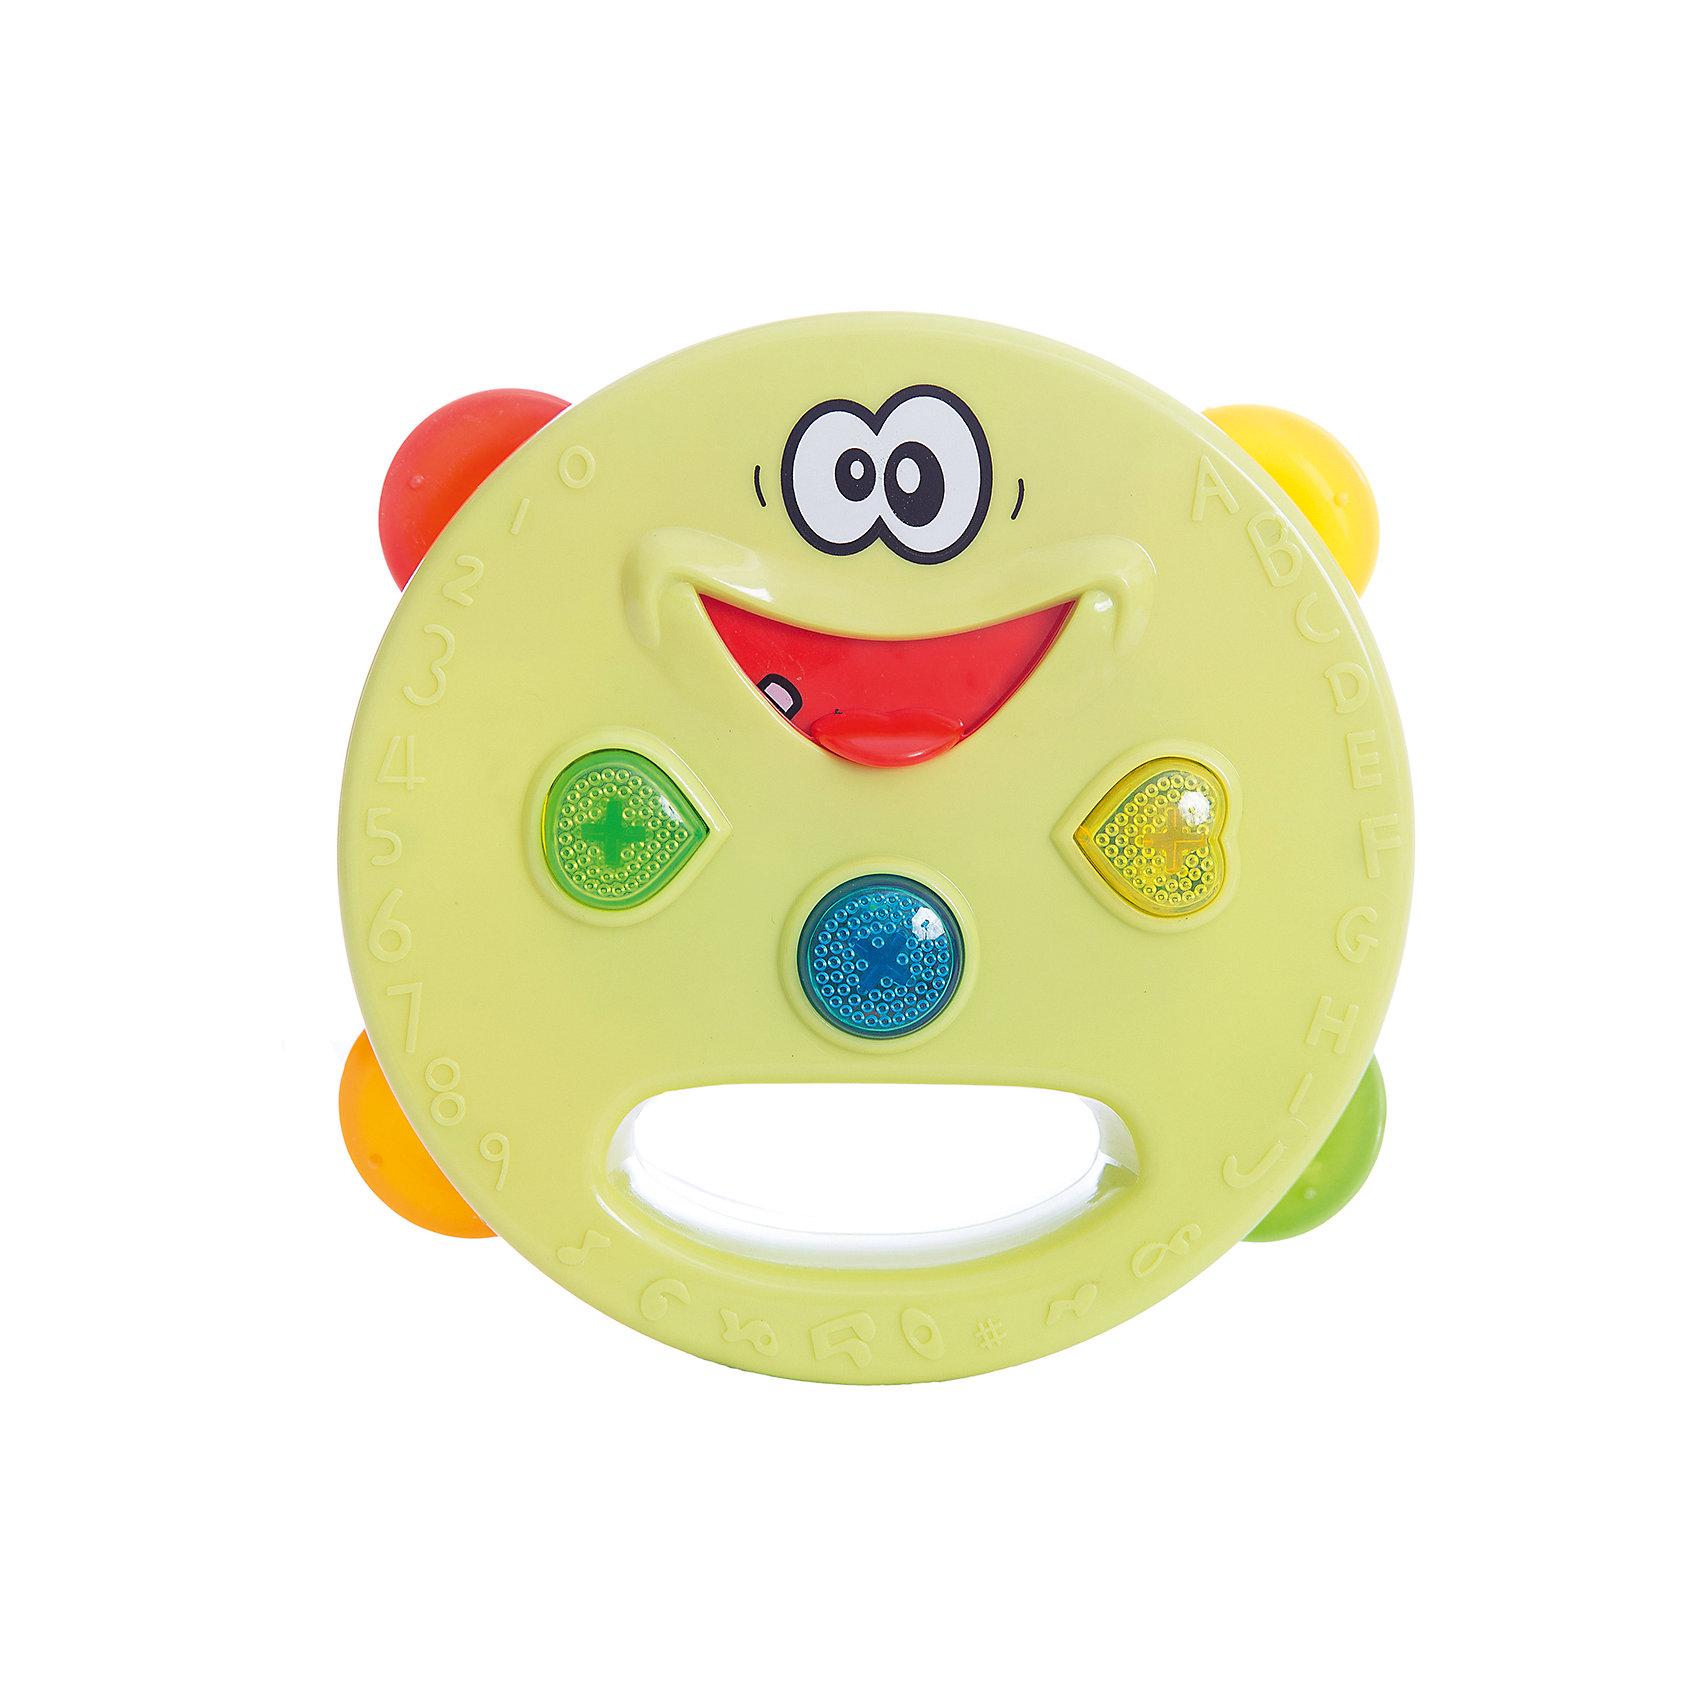 Электронный бубен, со светом, Поющий оркестр, 1toyЭлектронный бубен из серии Поющий оркестр - забавная игрушка, которая позволит ребенку не только создавать музыку самому, но и прослушивать чудесные мелодии, нажимая на язычок бубна. Игрушка с веселыми кнопками, которые светятся при нажатии. Игрушка развивает мелкую моторику, чувство ритма и мелодии. С этим бубном ребенок откроет для себя прекрасный мир музыки!<br><br>Дополнительная информация:<br>Батарейки: AAA / LR0.3 1.5V - 3 штуки( в комплект не входят)<br>Размер: 18х8х19,5 см<br>Вес: 243 грамма<br>Электронный бубен можно купить в нашем интернет-магазине.<br><br>Ширина мм: 195<br>Глубина мм: 80<br>Высота мм: 180<br>Вес г: 243<br>Возраст от месяцев: 12<br>Возраст до месяцев: 60<br>Пол: Унисекс<br>Возраст: Детский<br>SKU: 4953669